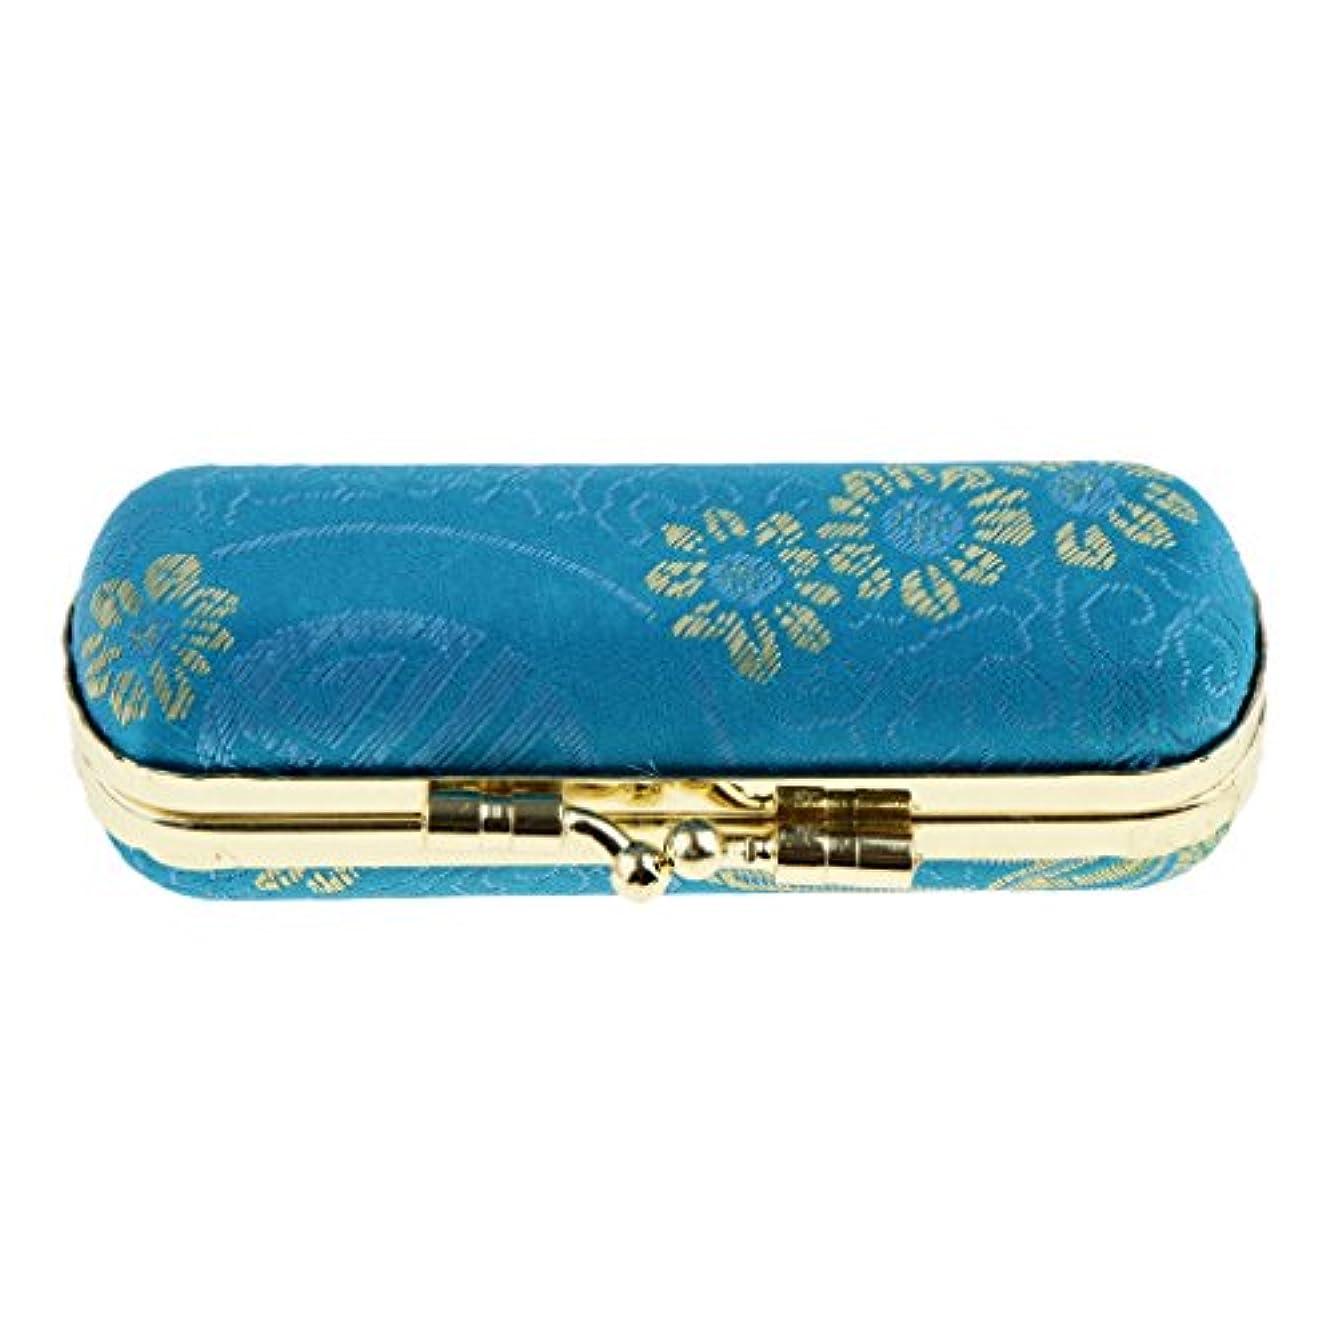 オフ被る前提Perfeclan リップスティックケース 口紅 リップグロスケース 収納ボックス ミラー付き 化粧鏡 化粧ポーチ 携帯用